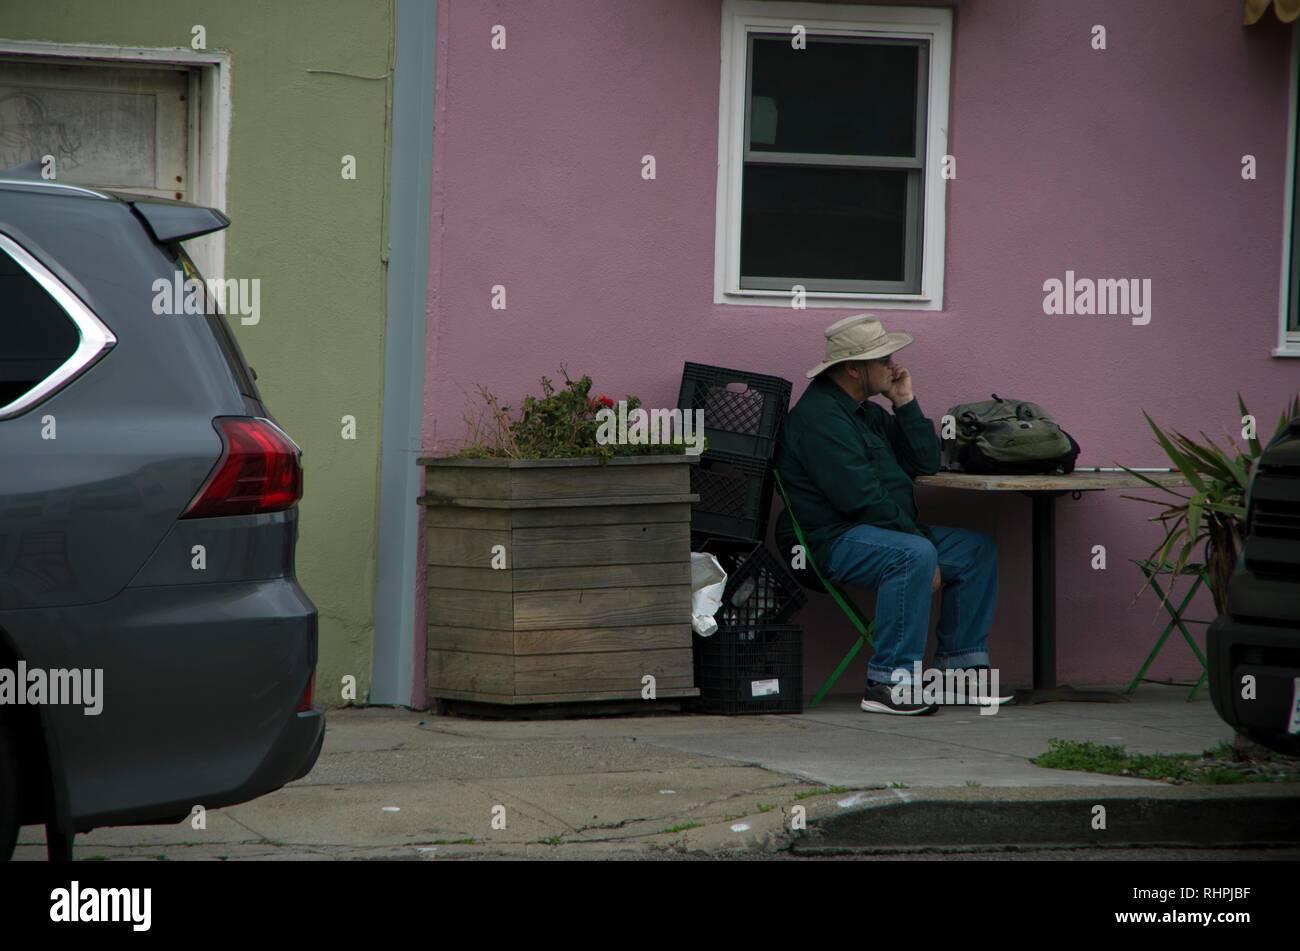 Ein Mann sitzt allein in einem Café in der Nähe von Ocean Beach in San Francisco, vielleicht darauf warten, dass jemand ihn zu verbinden. Stockbild